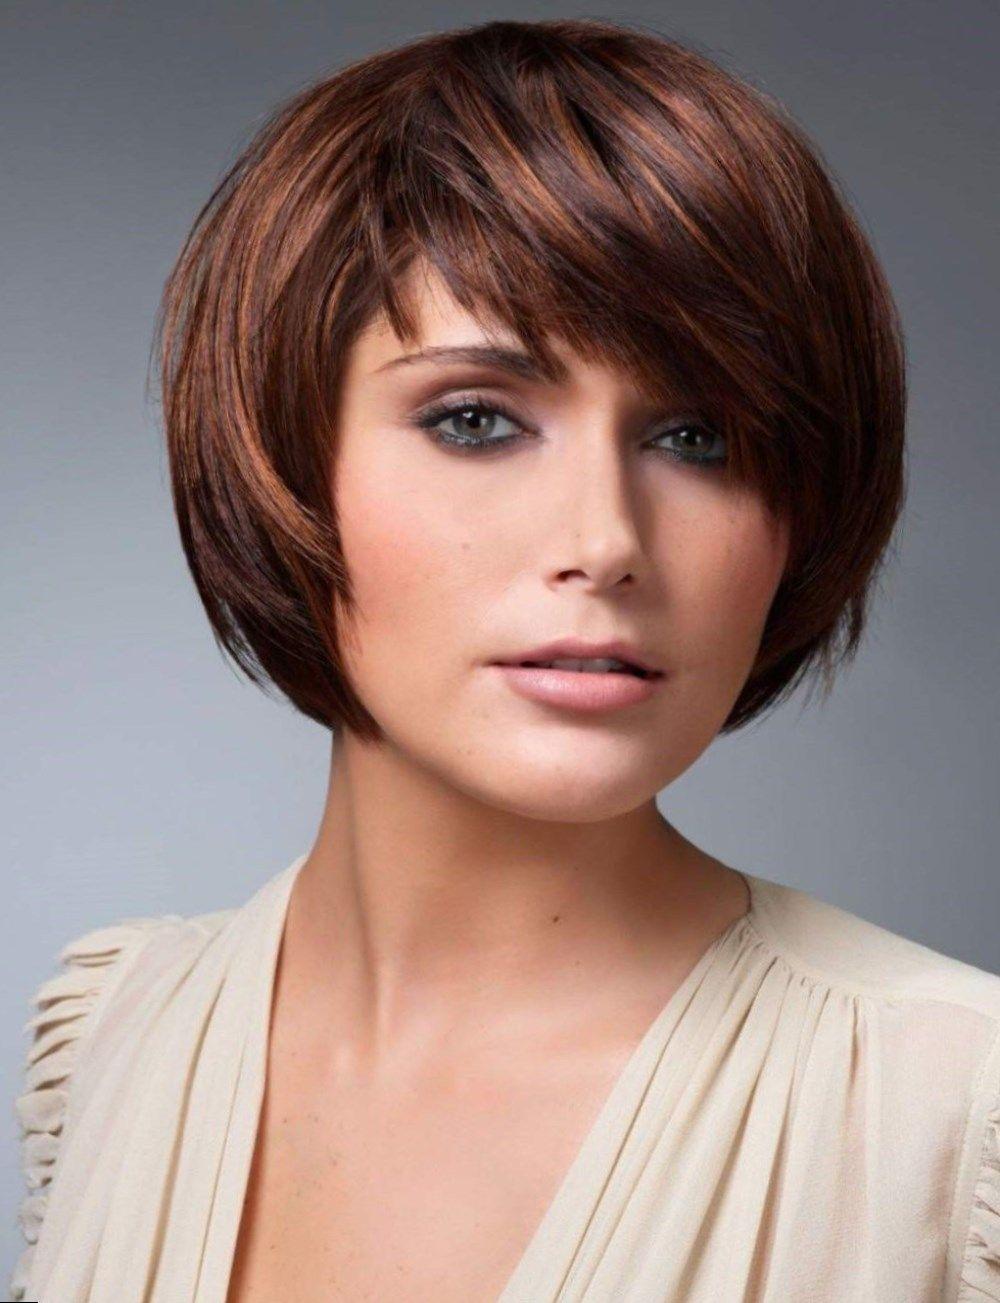 Coiffure femme carré effile - https://tendances-coiffure